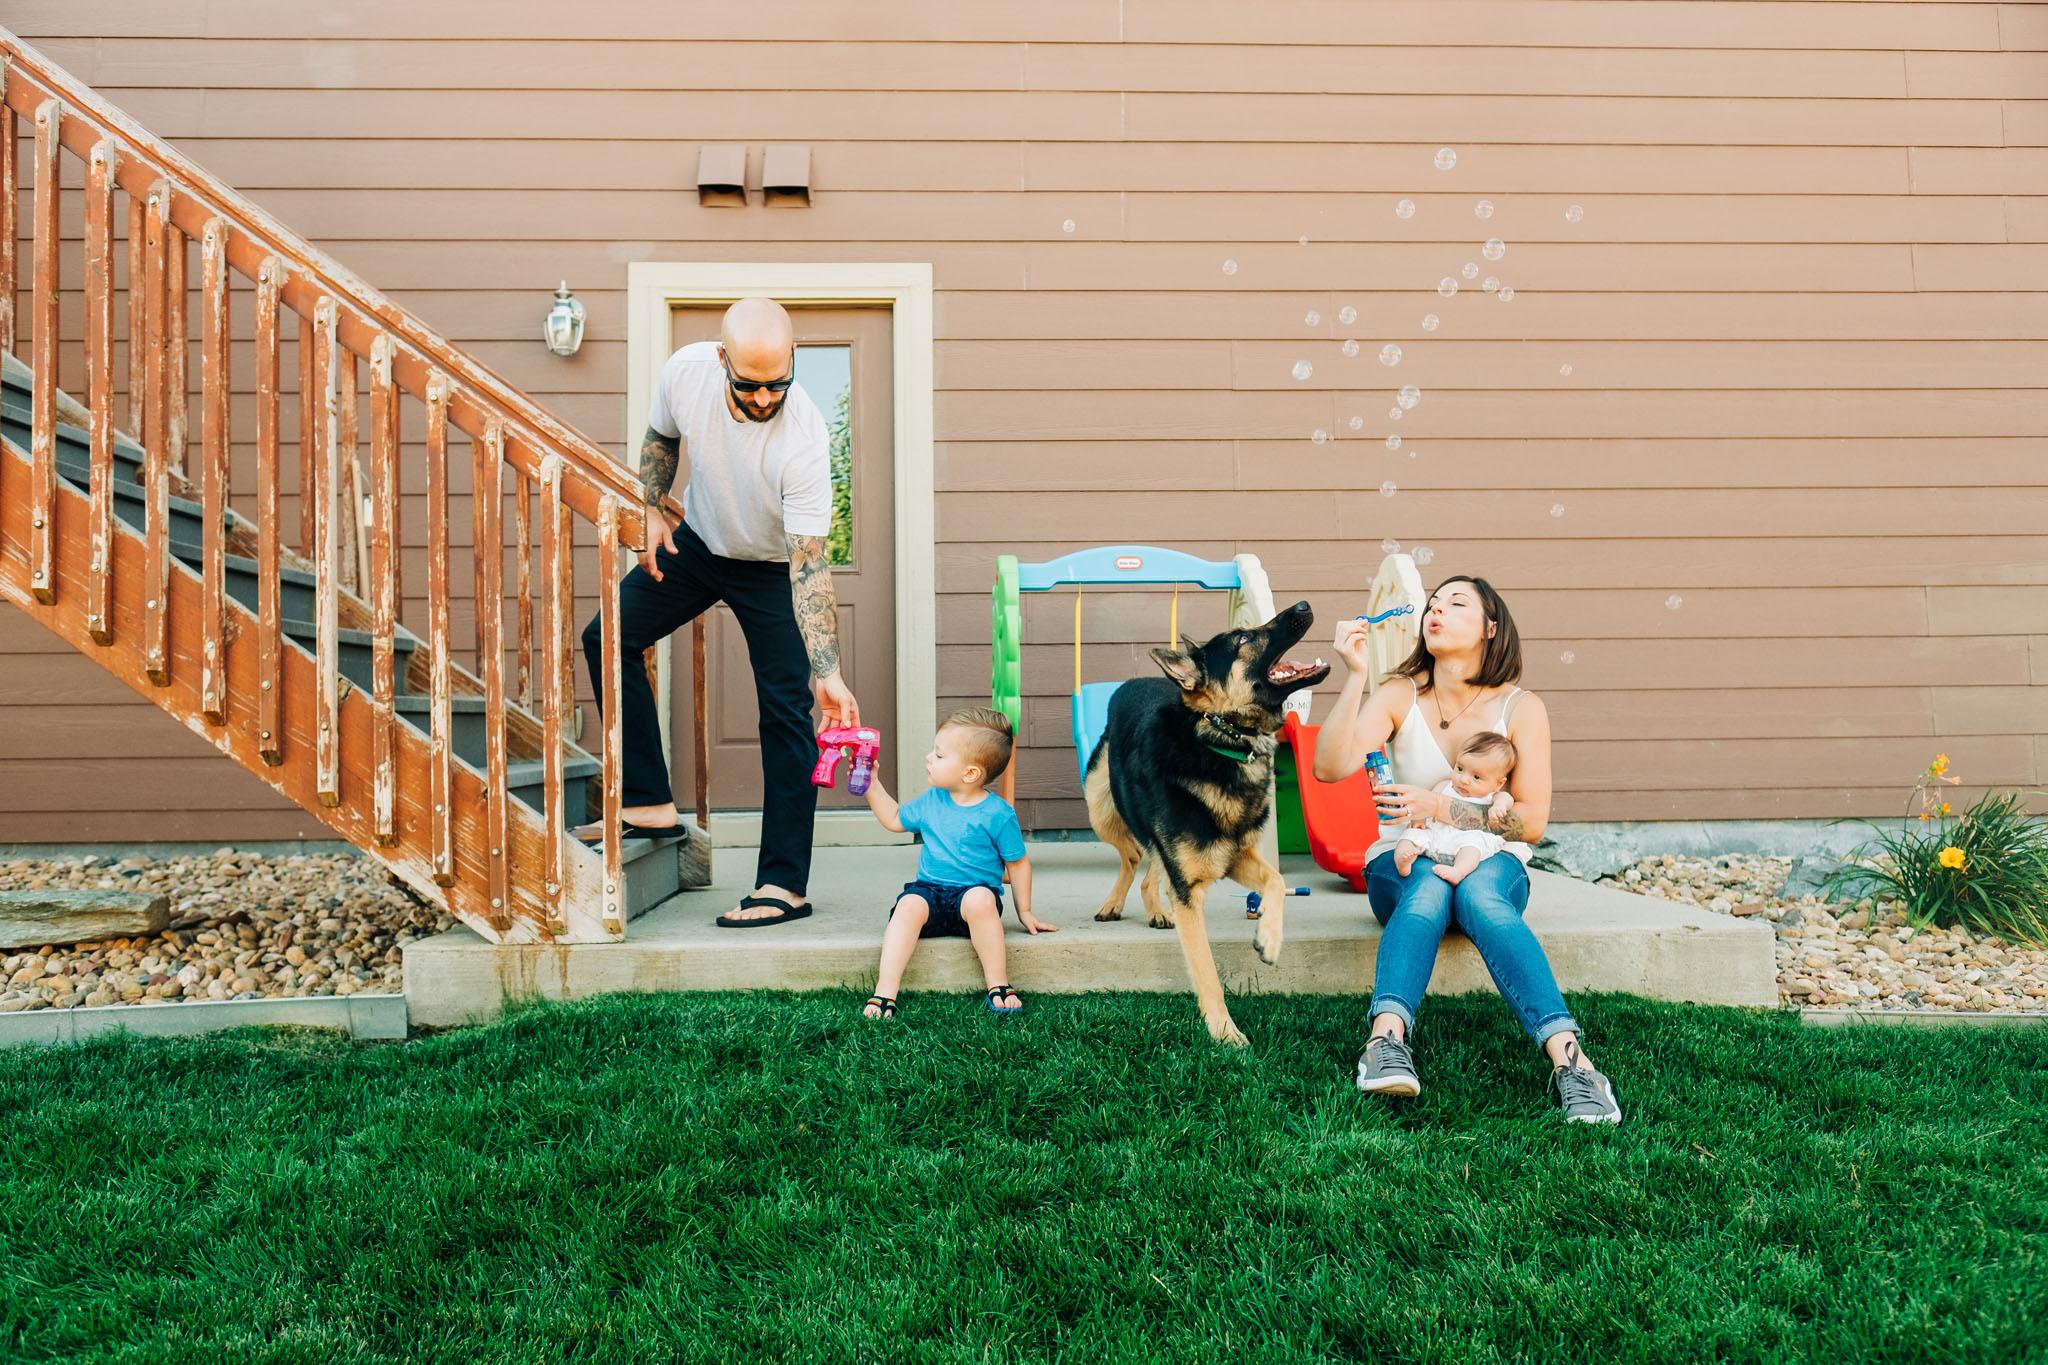 Colie James Denver Family Photographer 07.jpg